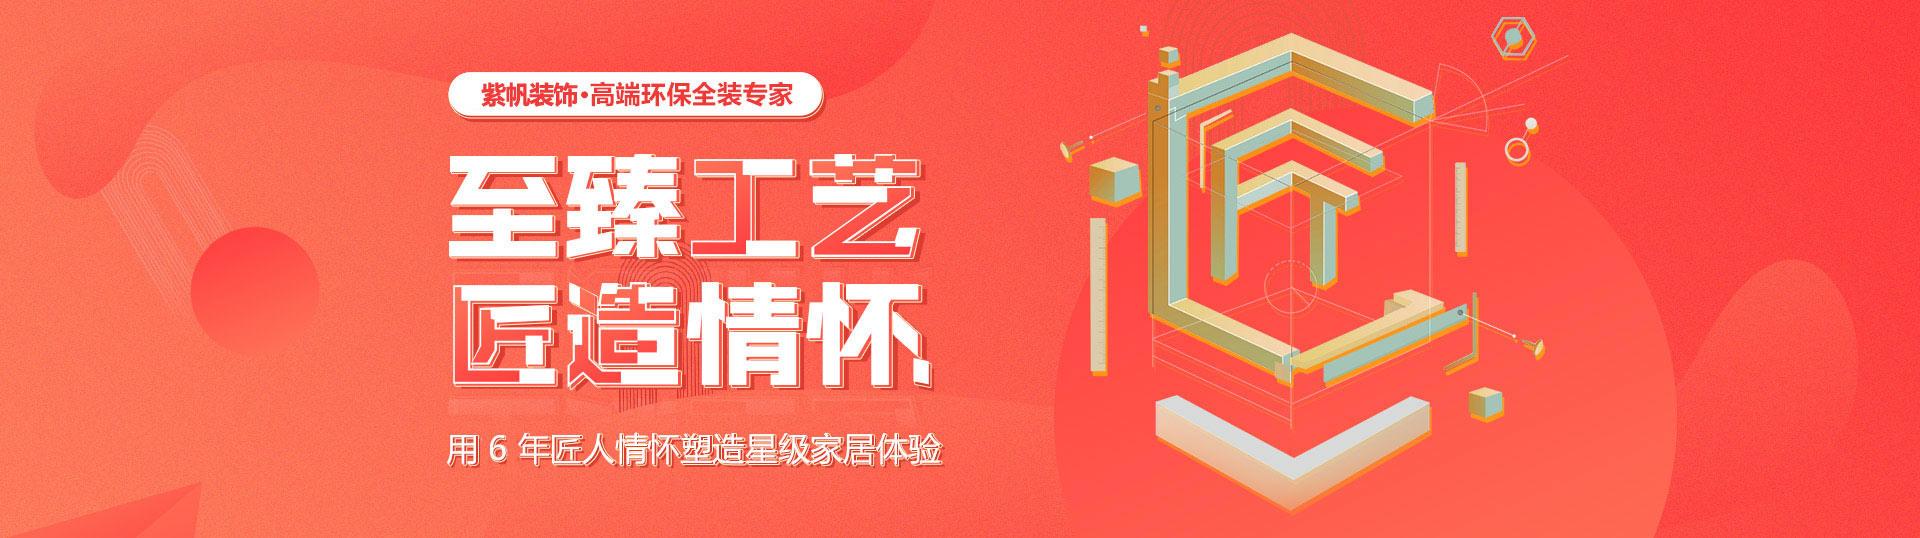 鄭州紫帆裝飾一站式整裝全包裝修開創者,所有施工工地全線使用先進的德系施工標準,嚴格按照ISO9001規范化施工